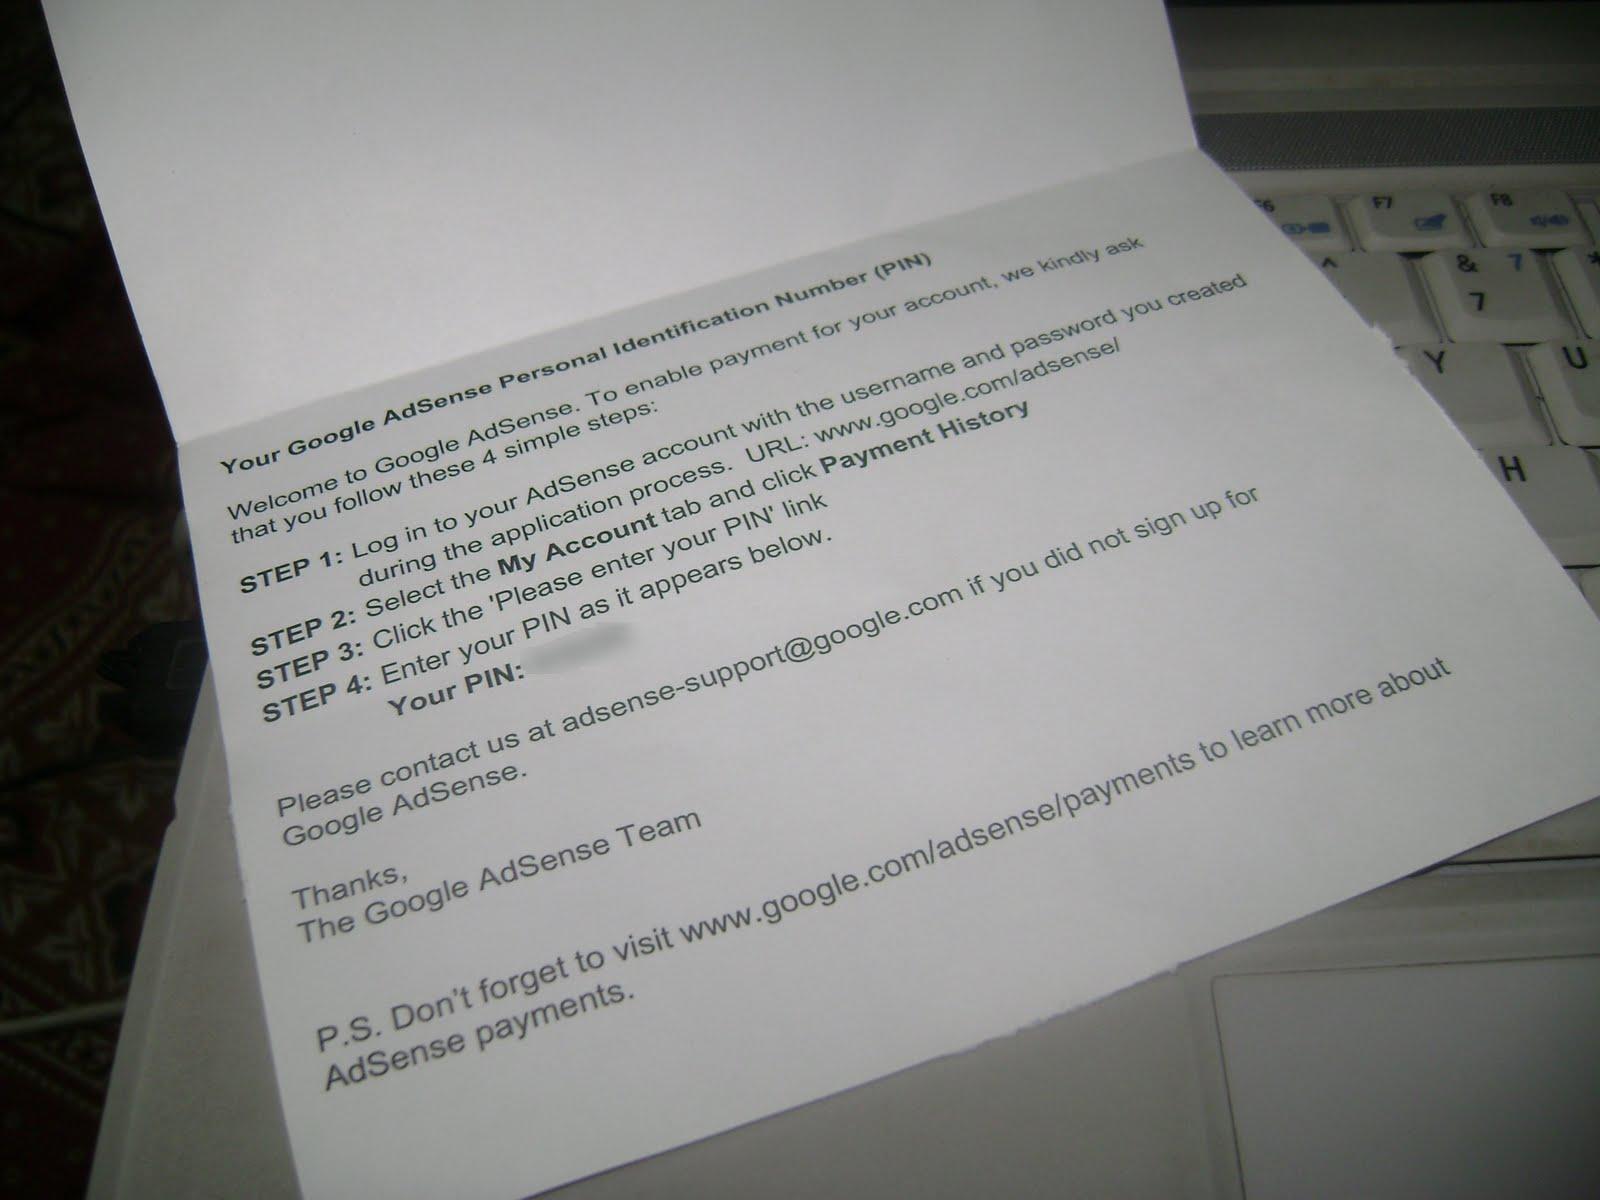 ادسنس Pin Code - محتوي الرساله من الداخل